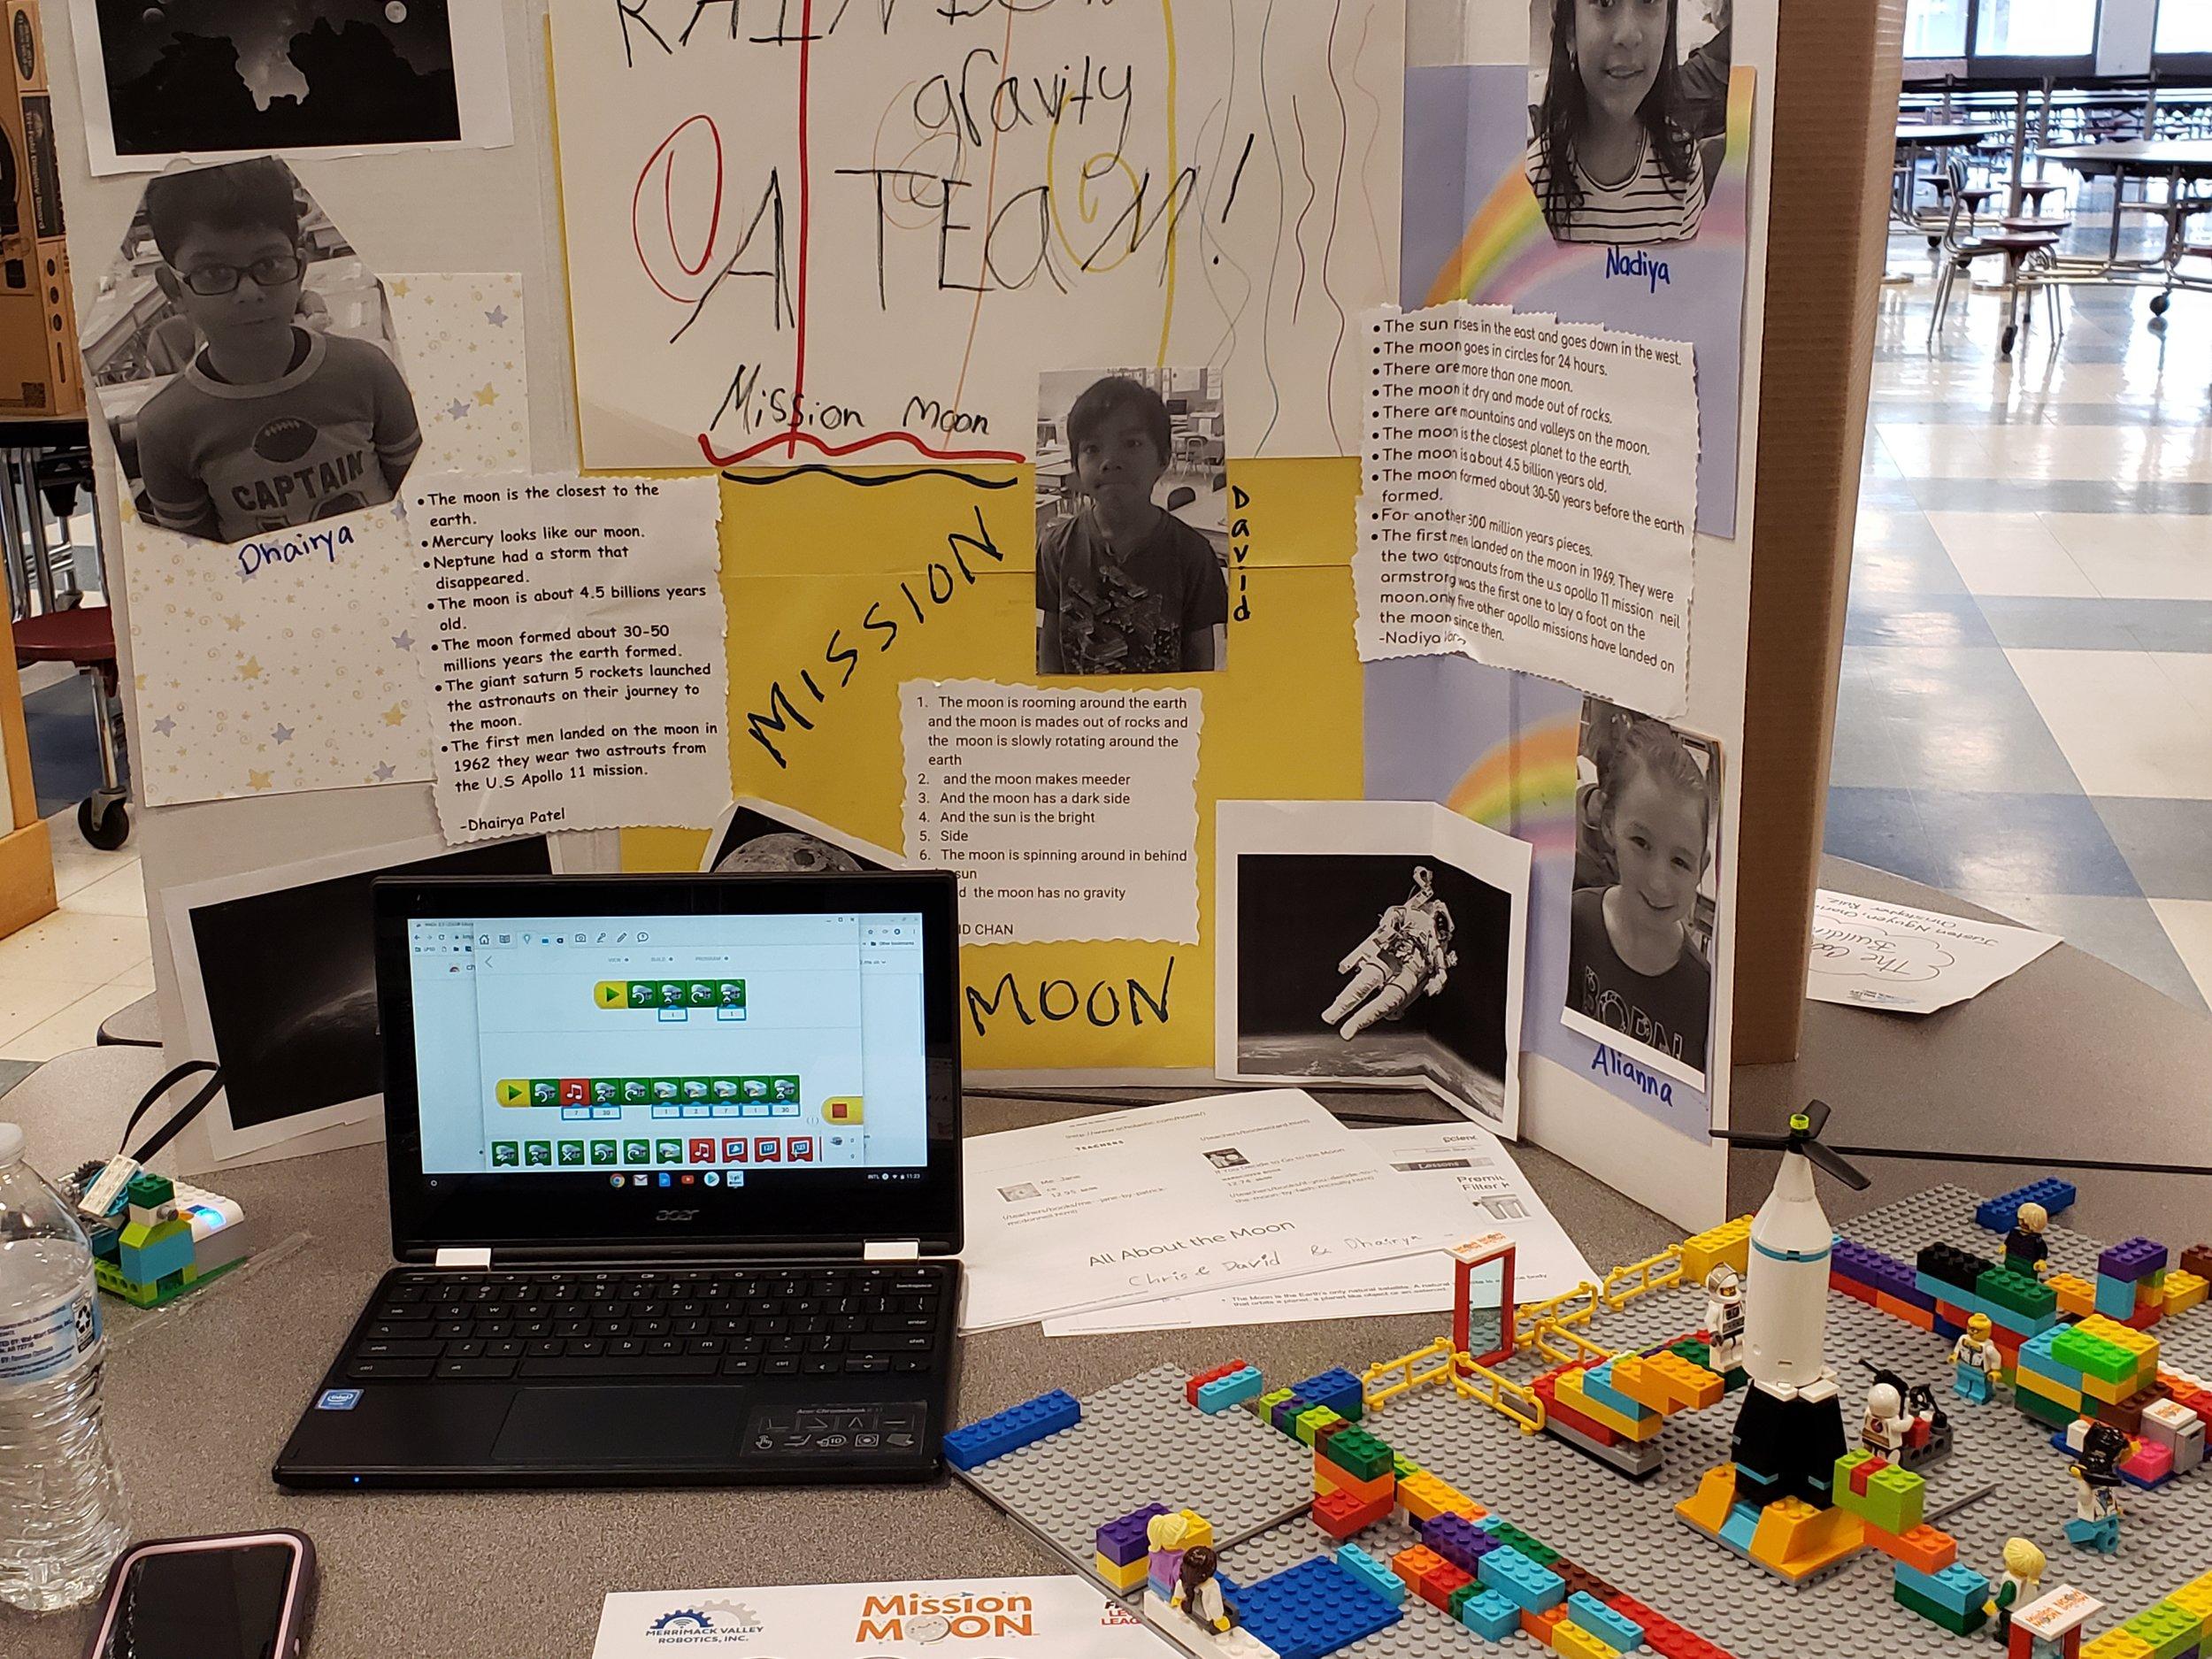 Photo courtesy of Andrea Regina, Abraham Lincoln School